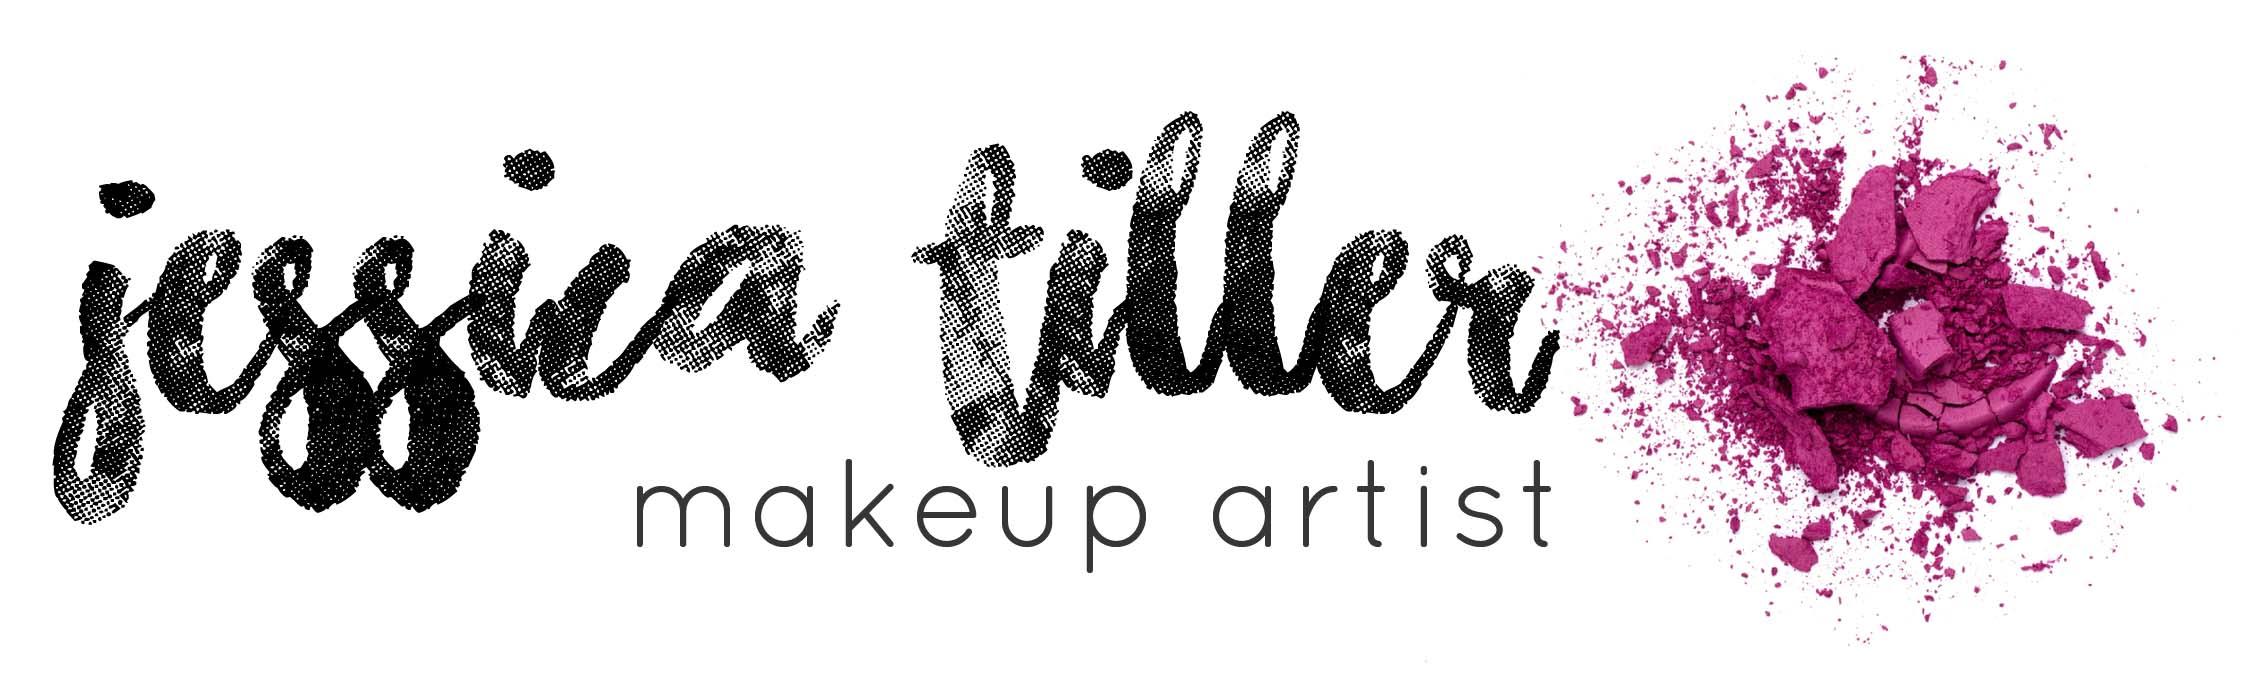 Home Jessica Tiller Sydney Bridal Makeup Artist